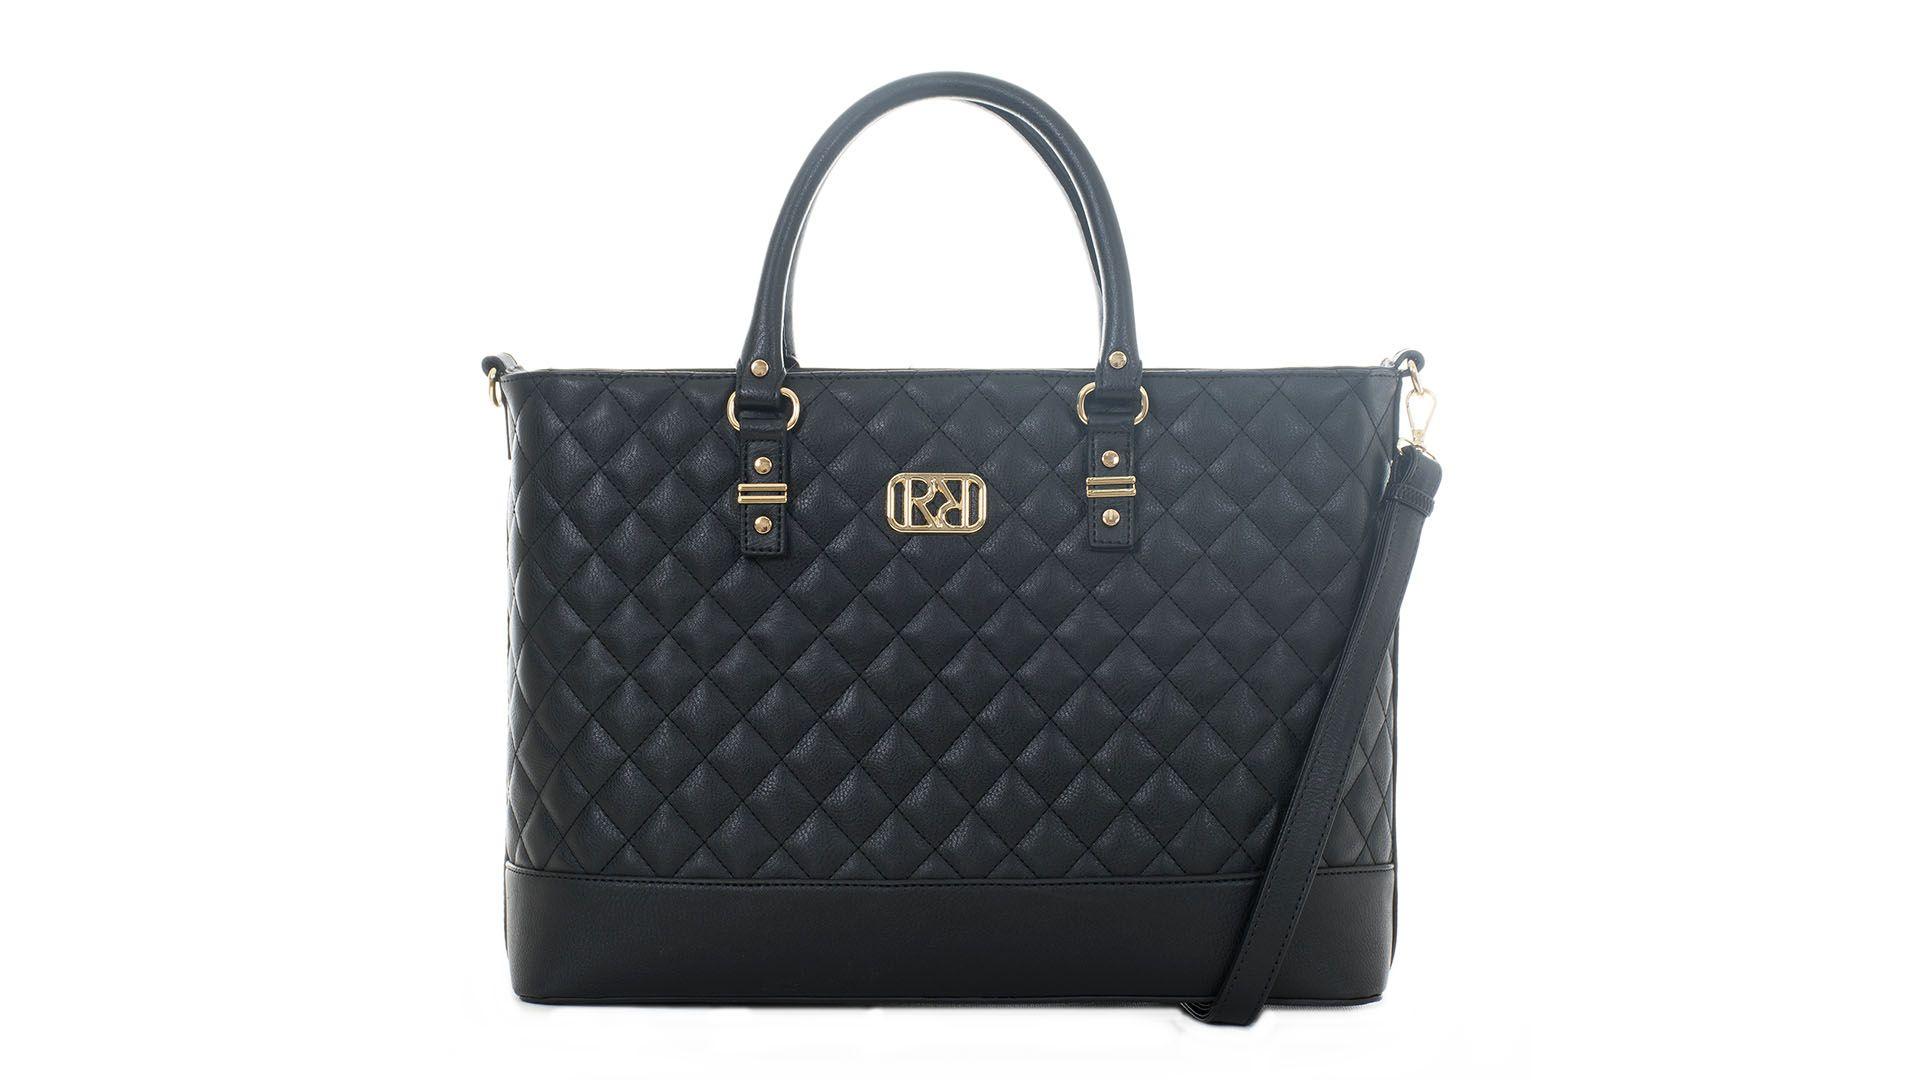 Bolsa Rafitthy Kelly Bag